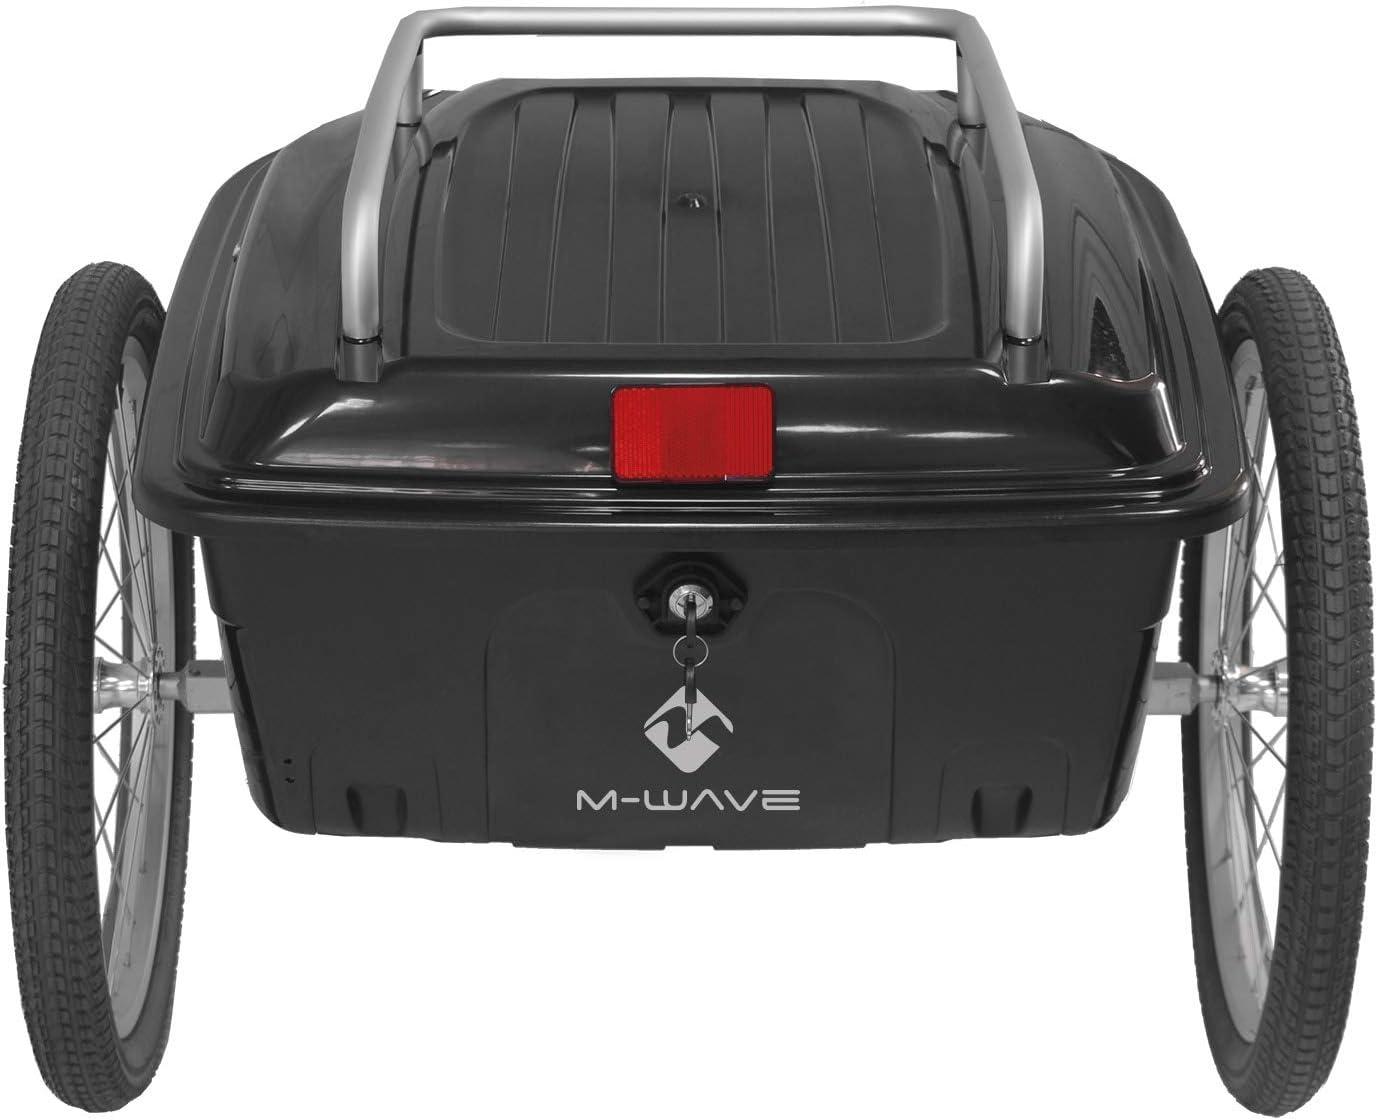 M-Wave CARRY ALL BOX Porte-Bagages /À Coque Rigide Mixte Adulte Noir